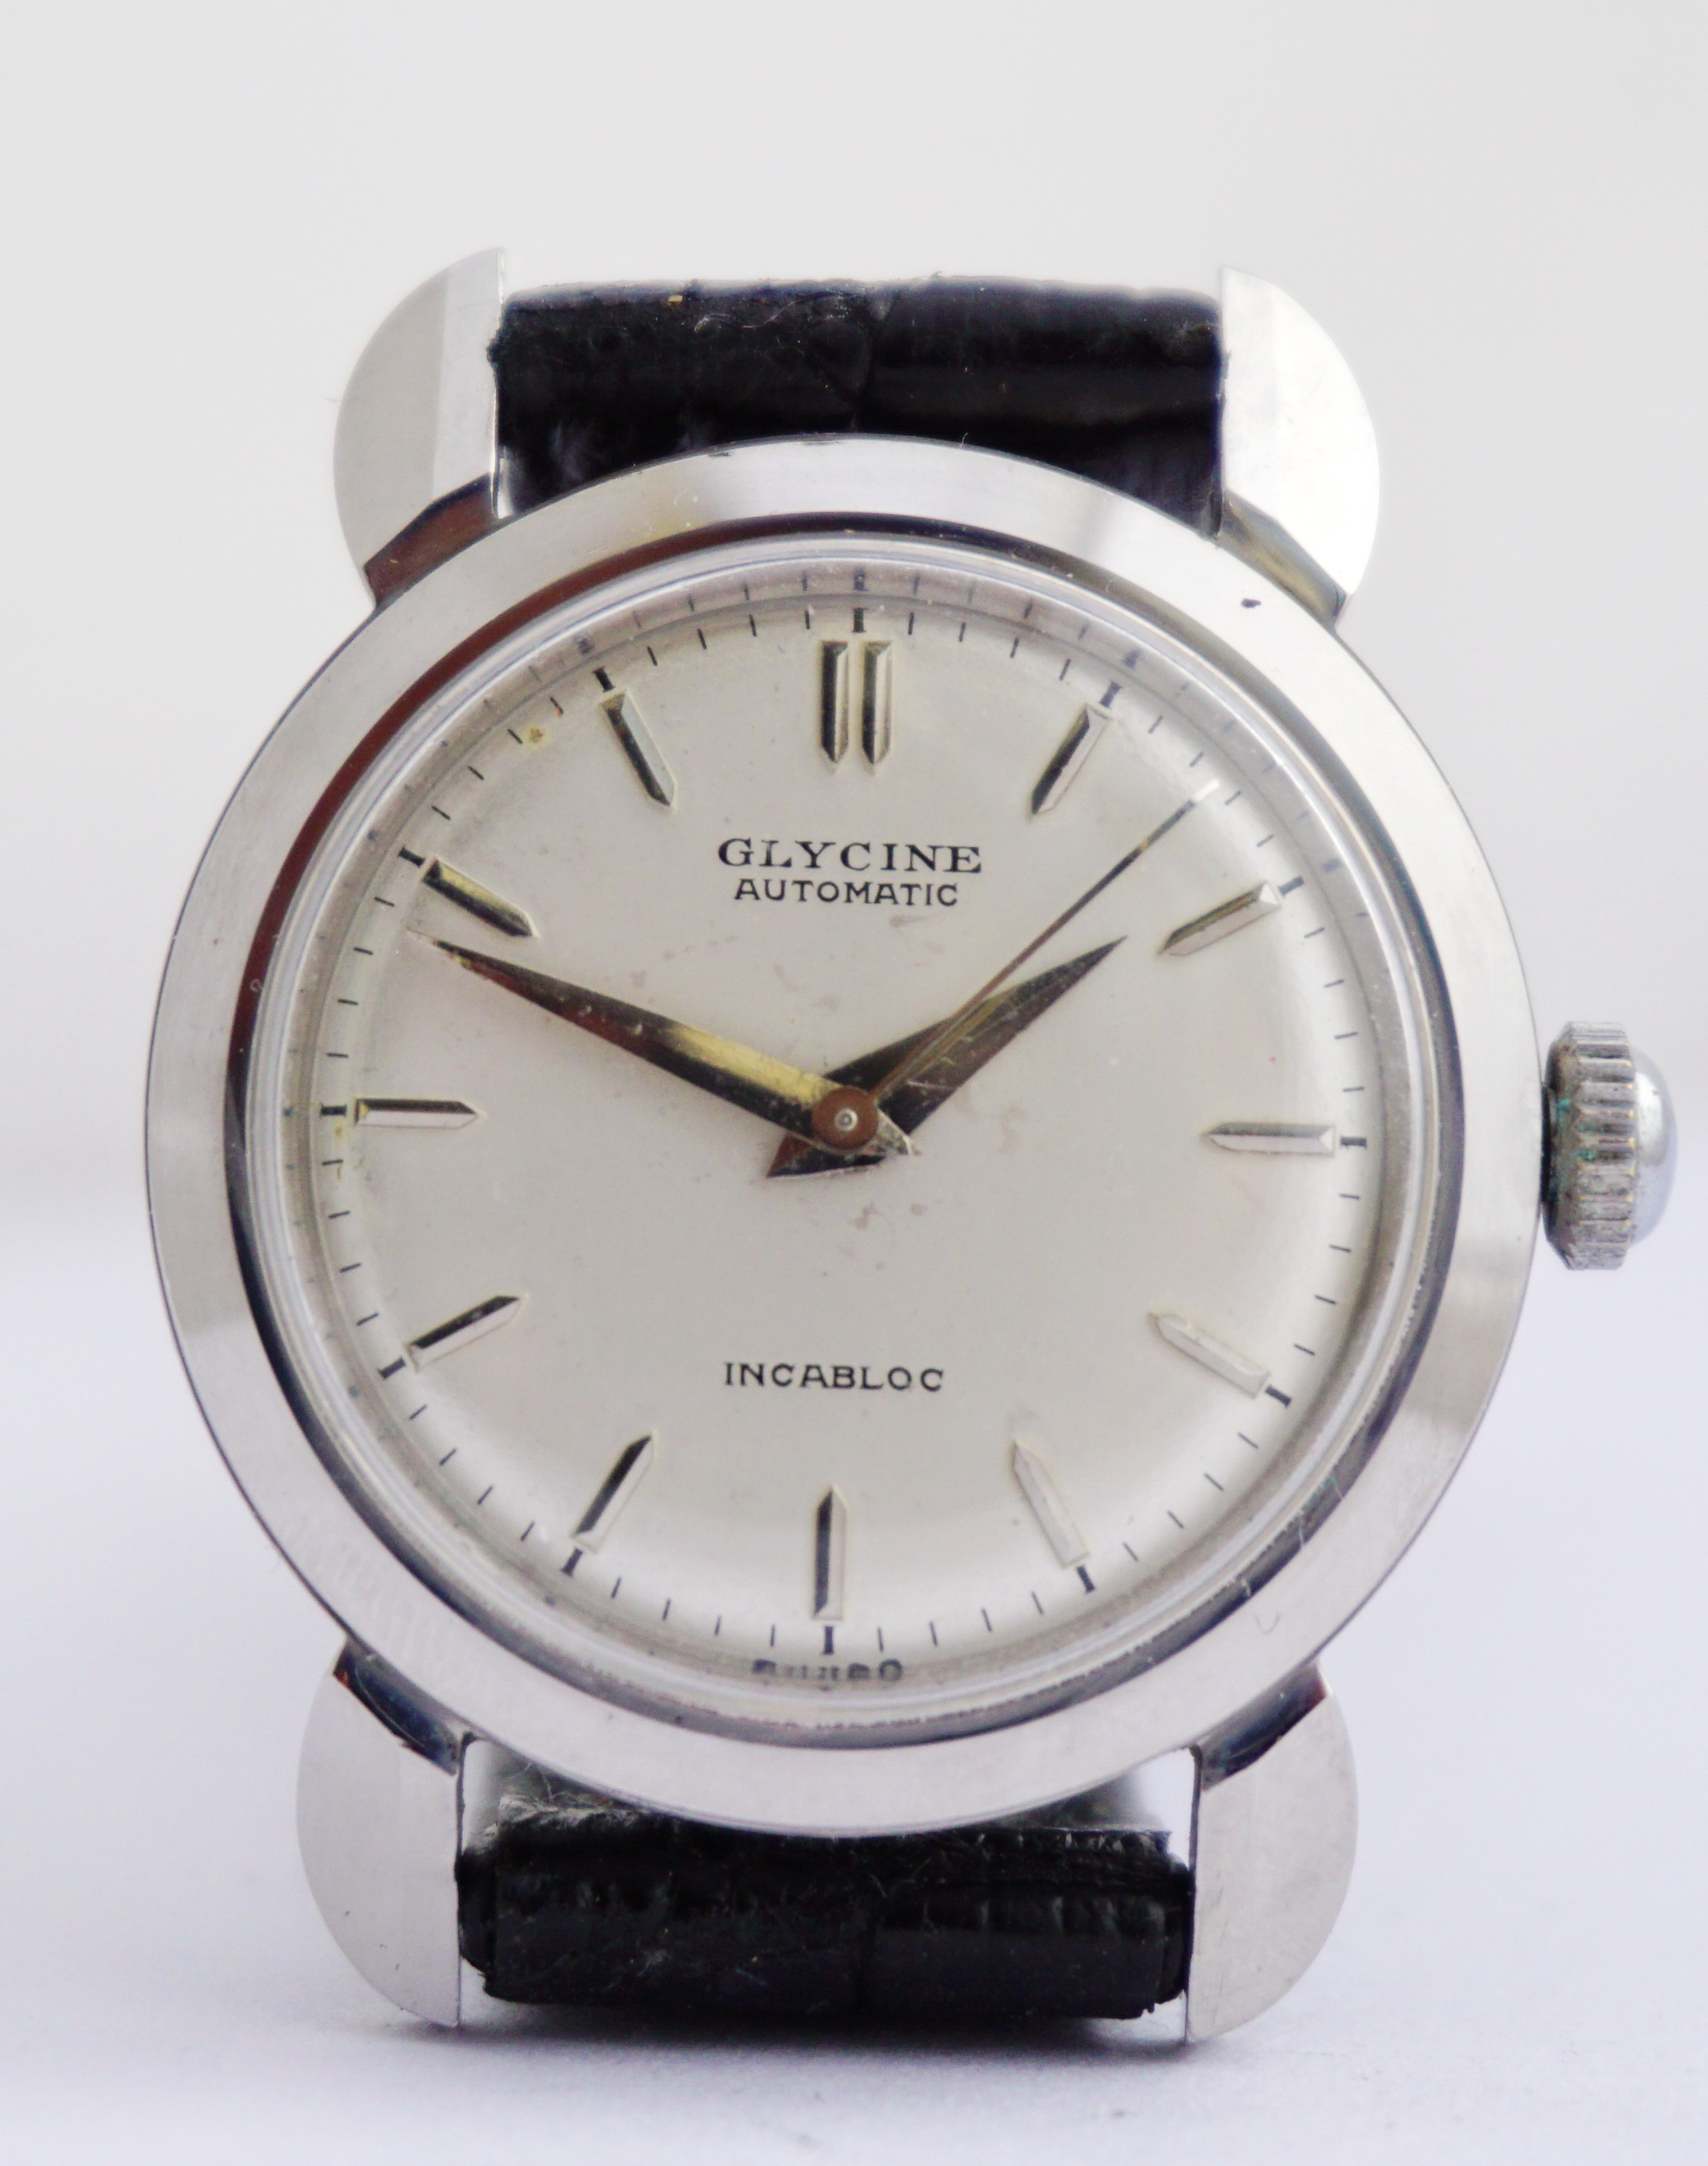 นาฬิกาเก่า GLYCINE ออโตเมติก